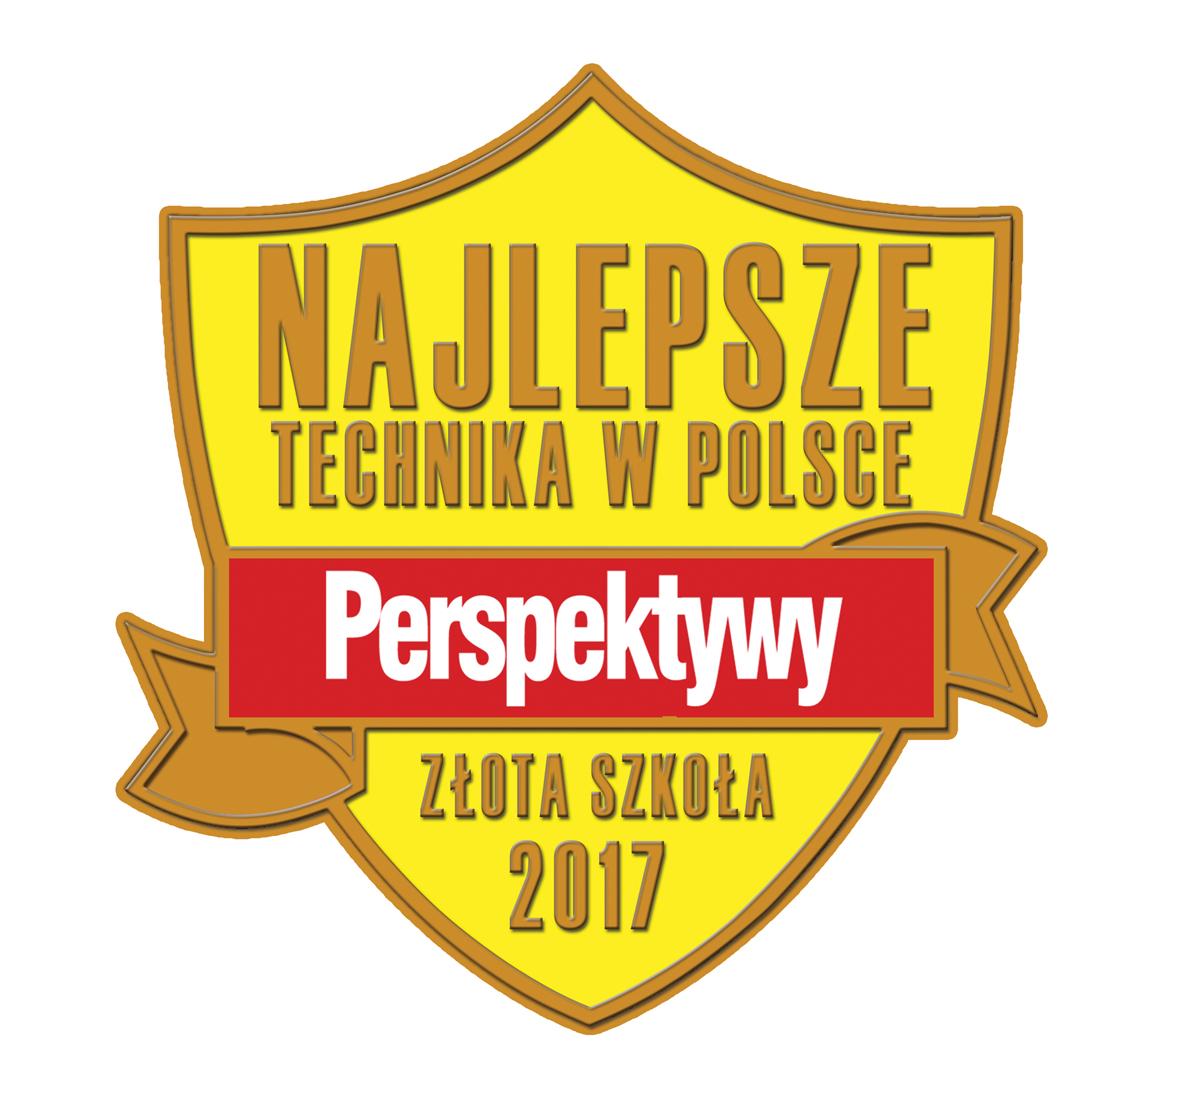 Fundacja Edukacyjna 'Perspektywy' potwierdza, że  TECHNIKUM NR 1 W ZESPOLE SZKÓŁ IM. WŁADYSŁAWA SZYBIŃSKIEGO w Cieszynie  jest wśród 300 najlepszych techników w Polsce sklasyfikowanych w Rankingu Szkół Ponadgimnazjalnych PERSPEKTYWY 2017 i przysługuje mu tytuł 'Złotej Szkoły 2017'.